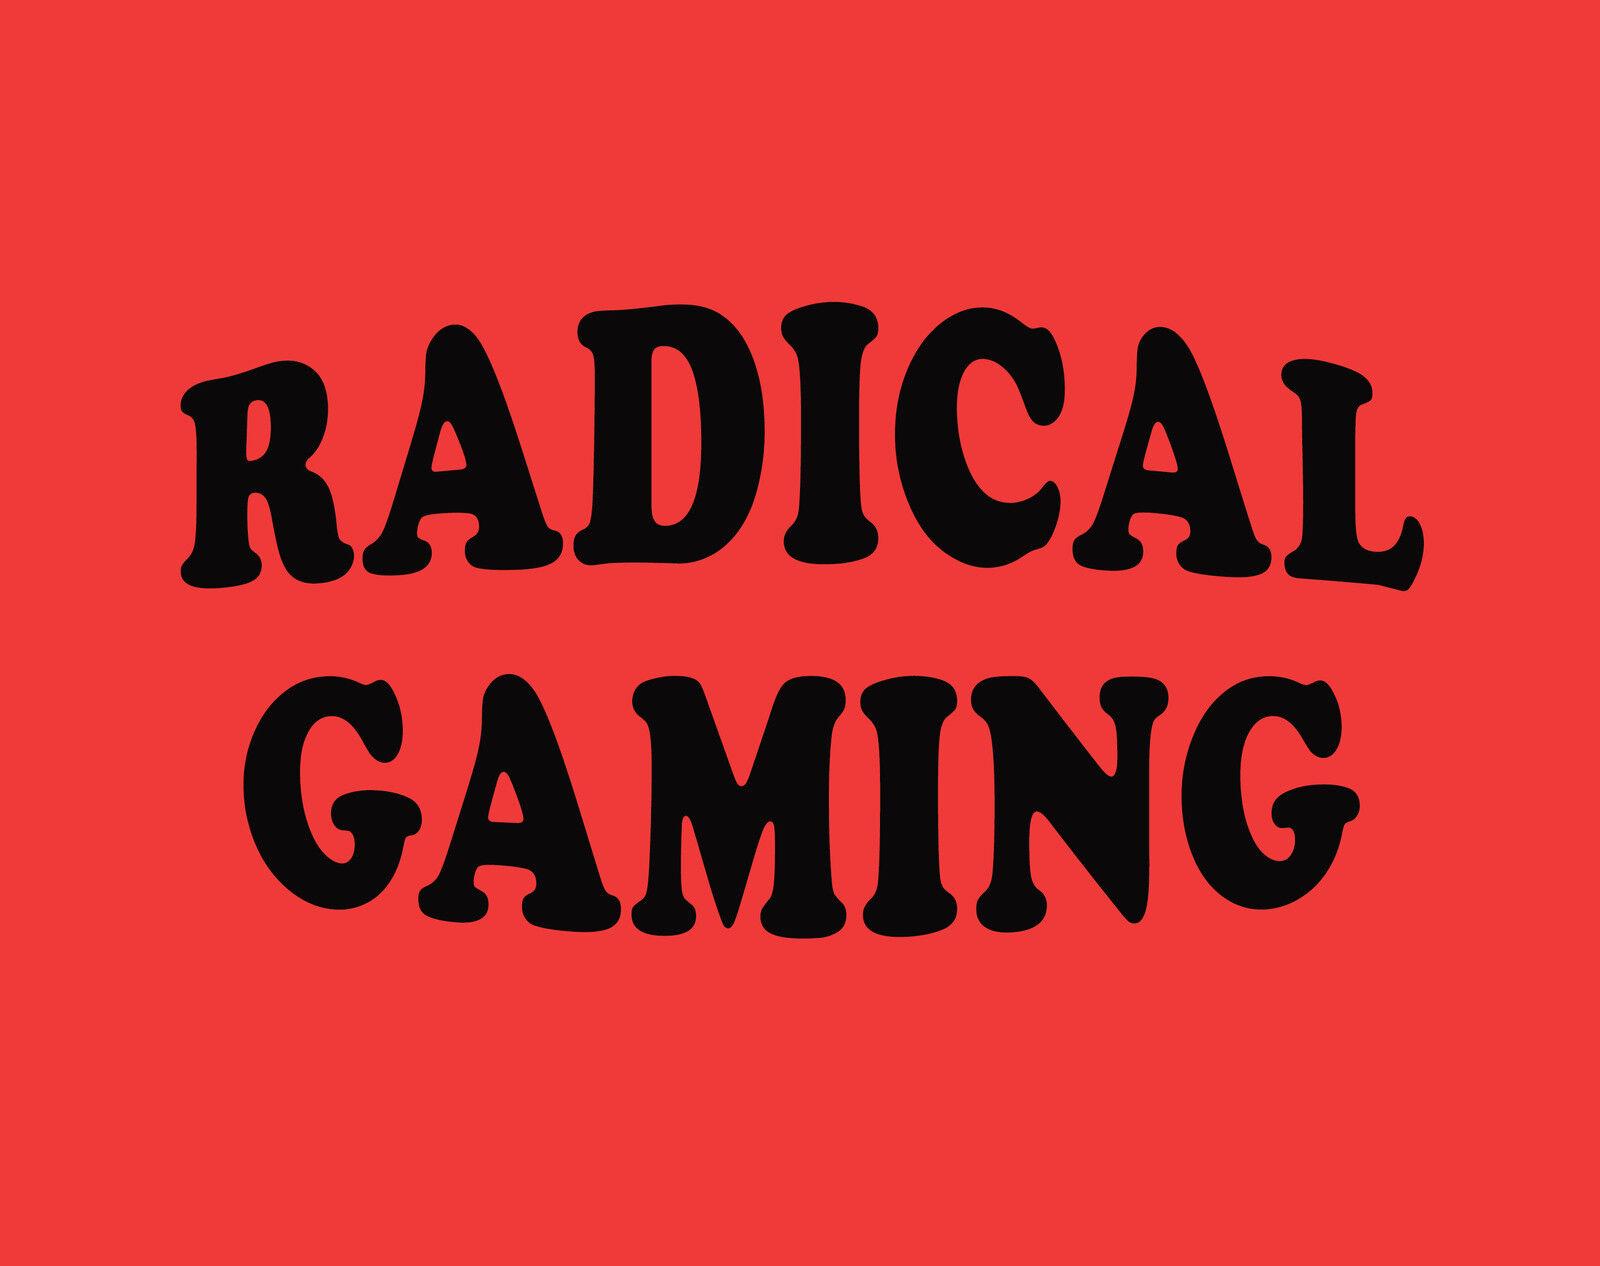 Radical Gaming